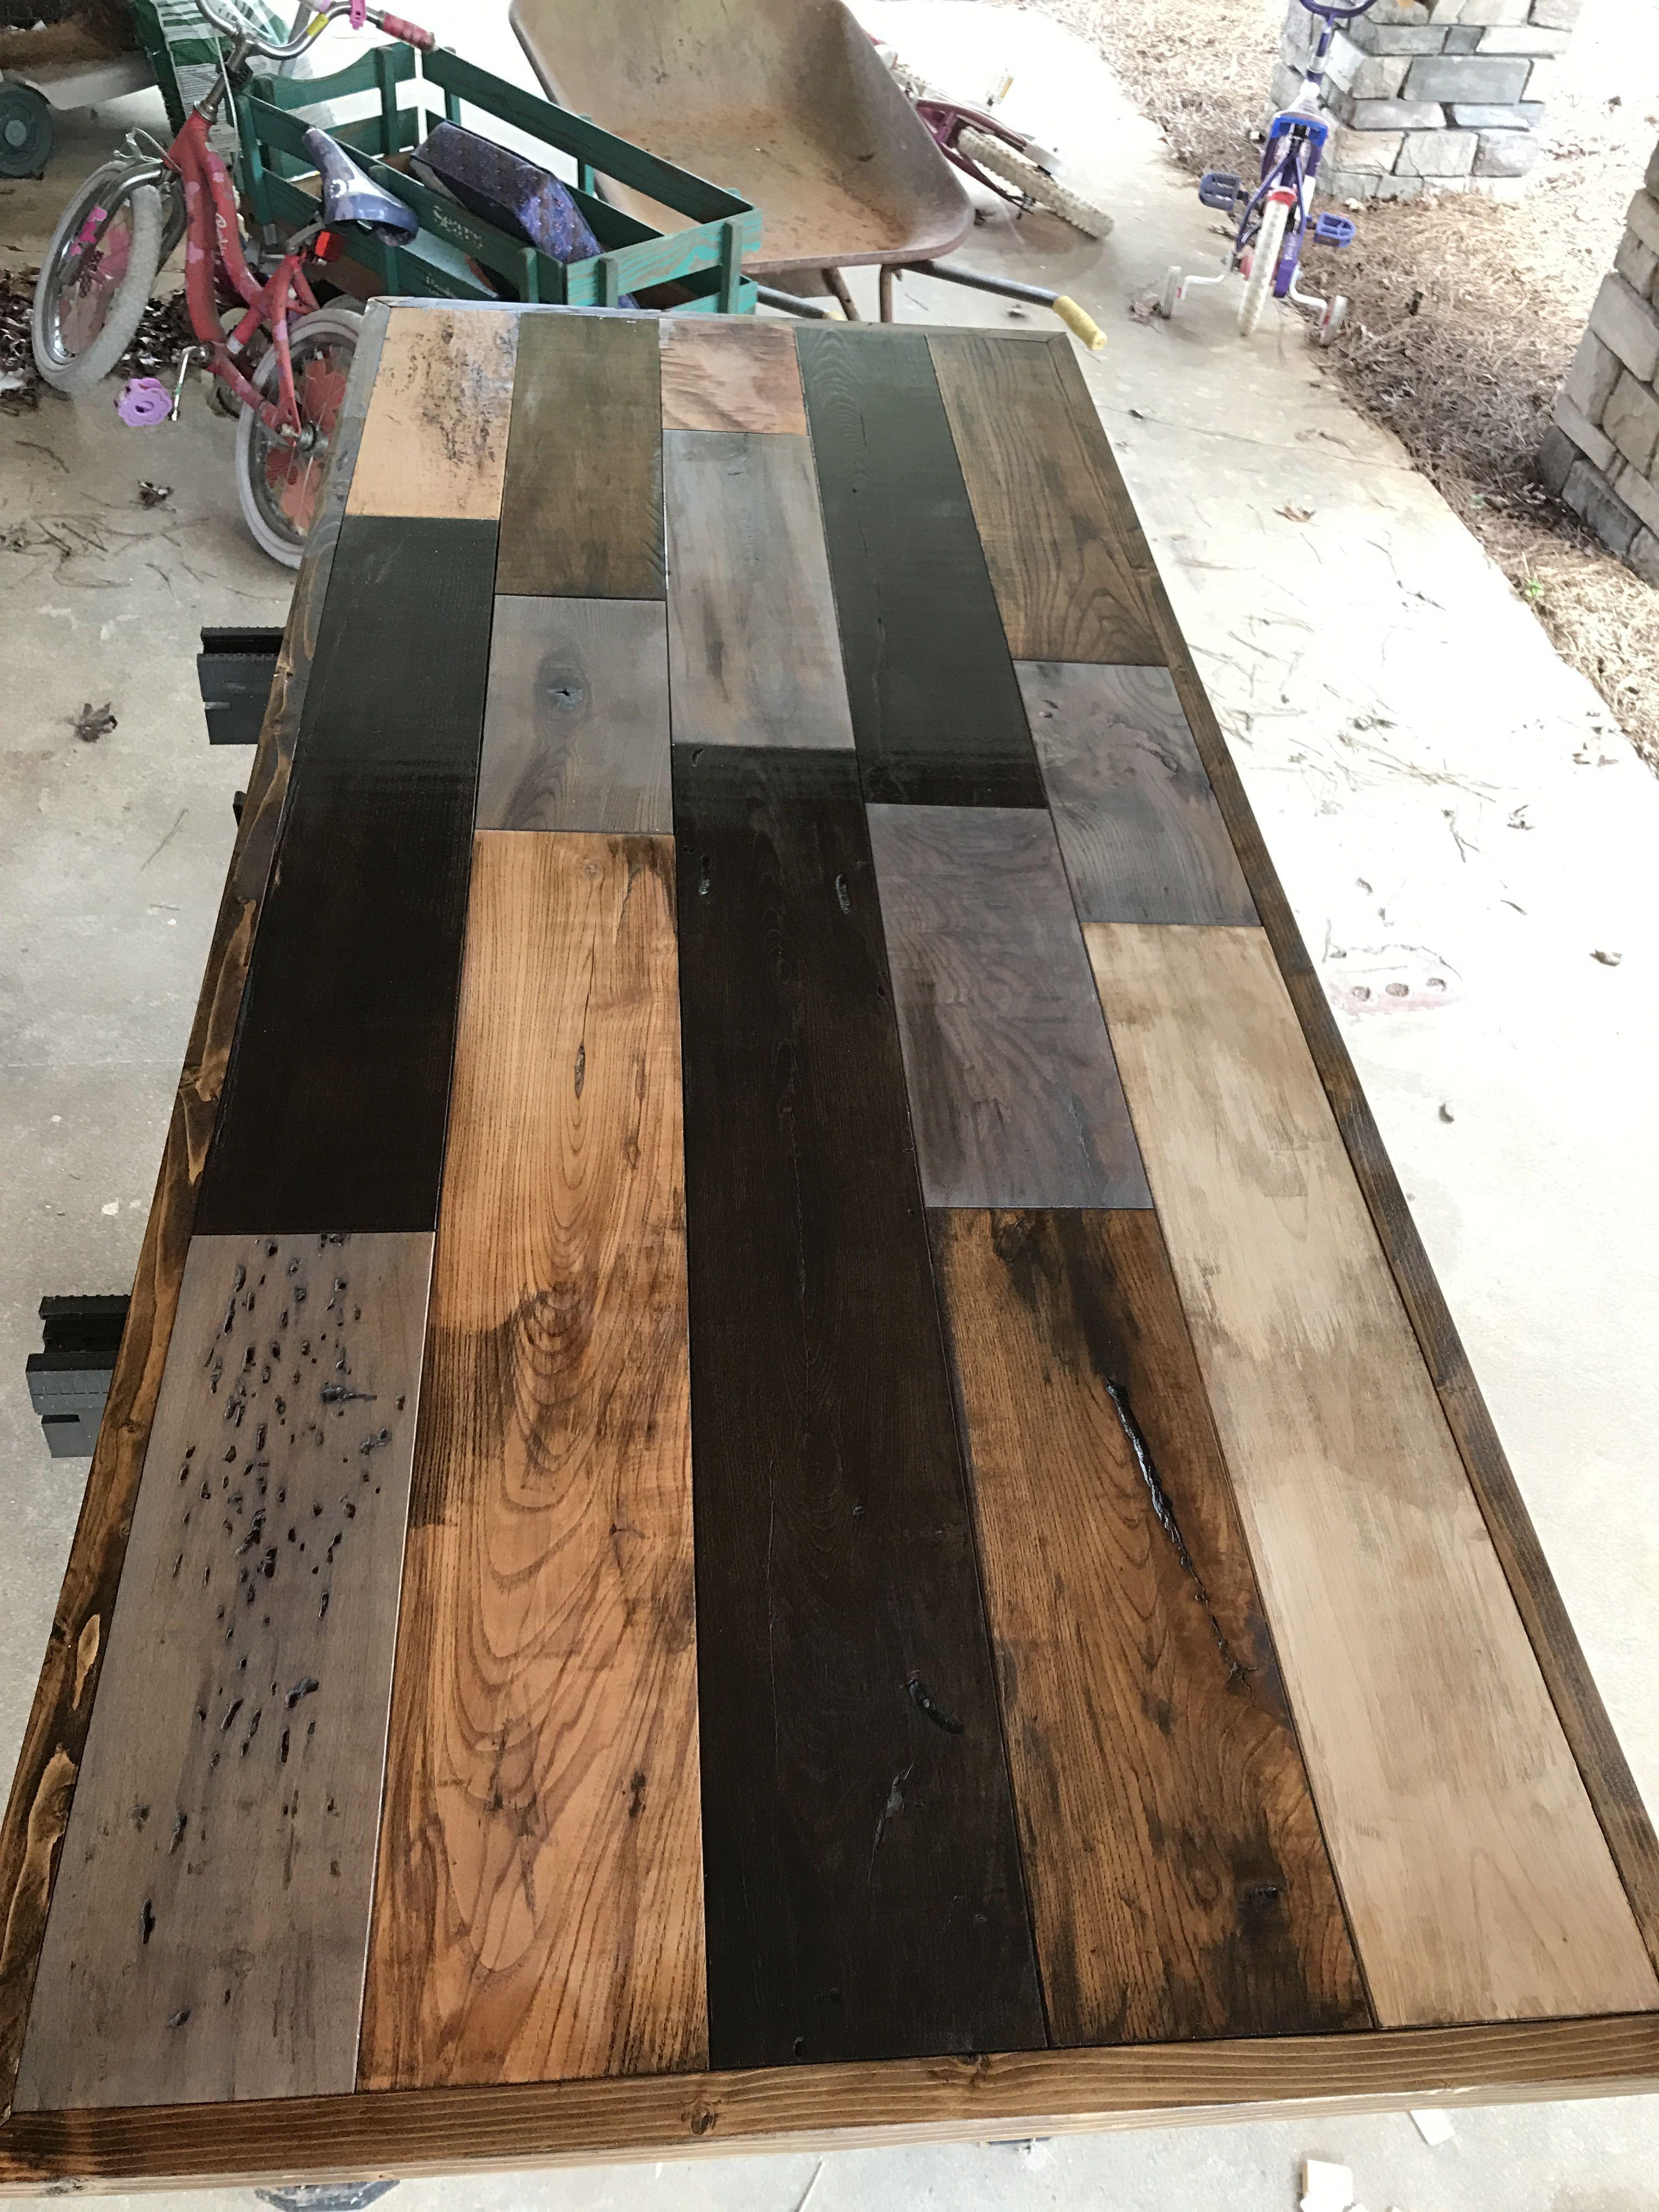 Reclaimed Wood Desktop Reclaimed Wood Desk Diy Wood Desk Diy